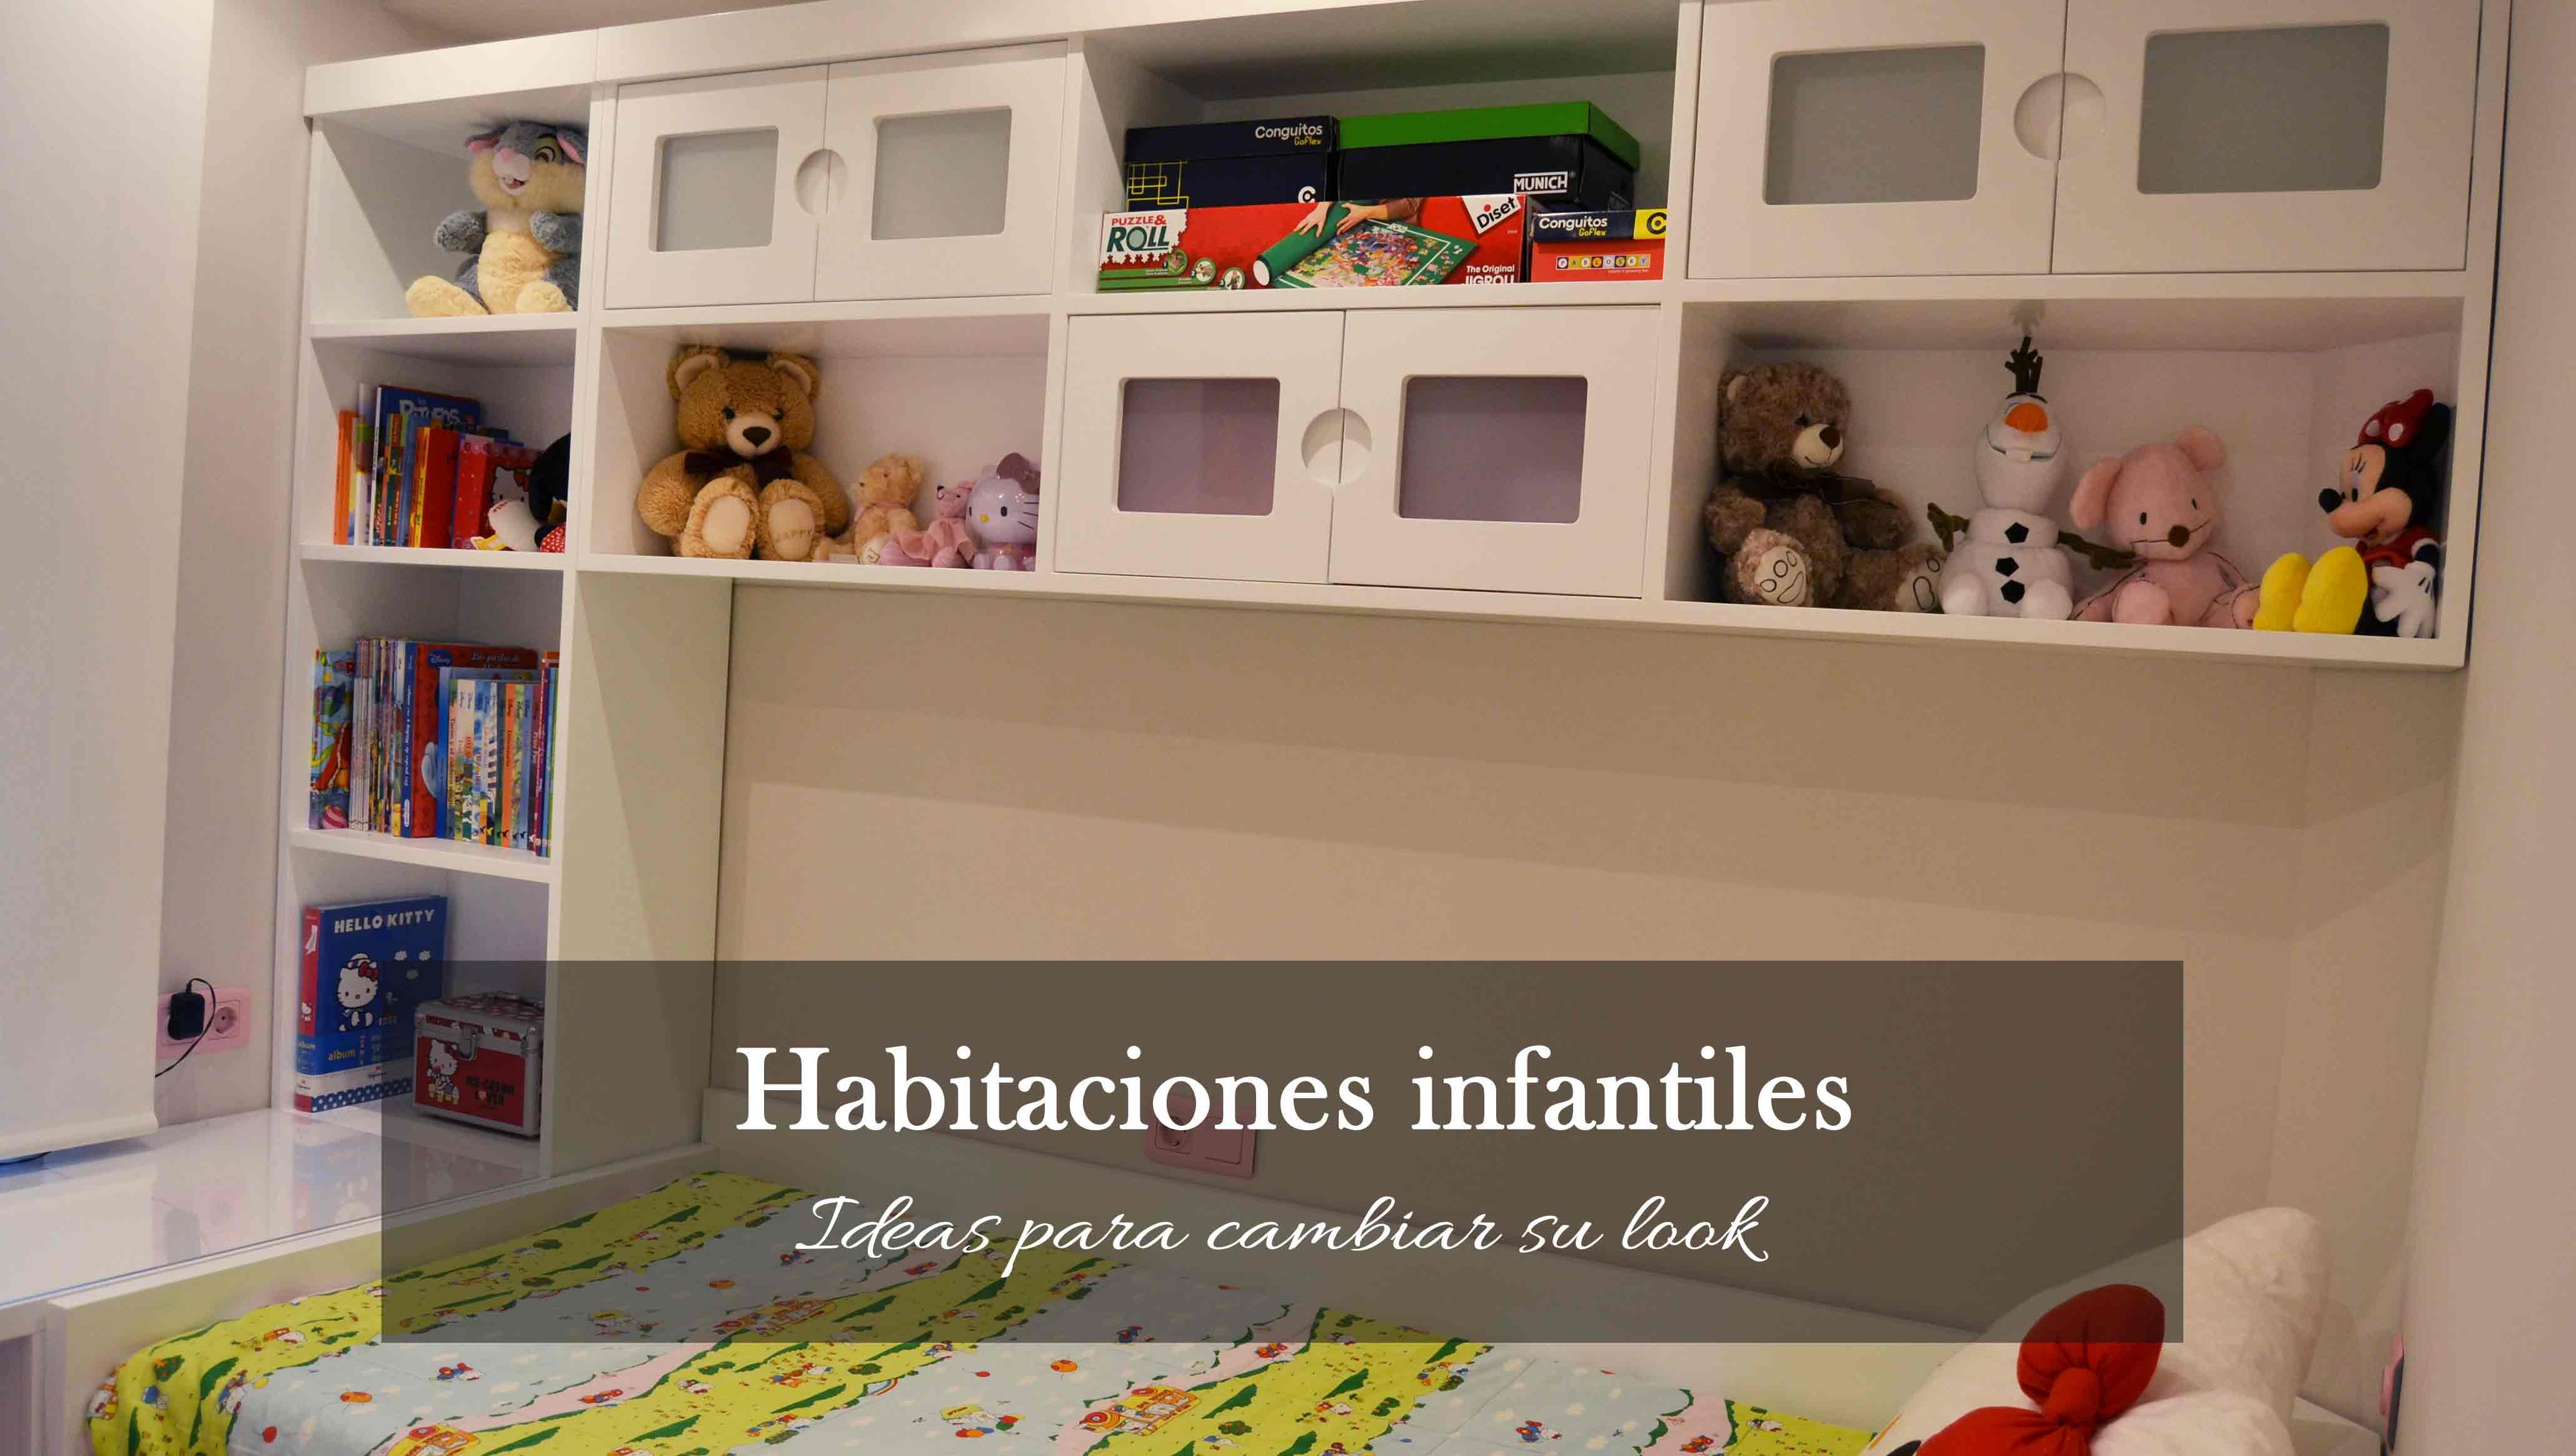 Armarios y puentes, algunas ideas para cambiar el look de una habitación infantil